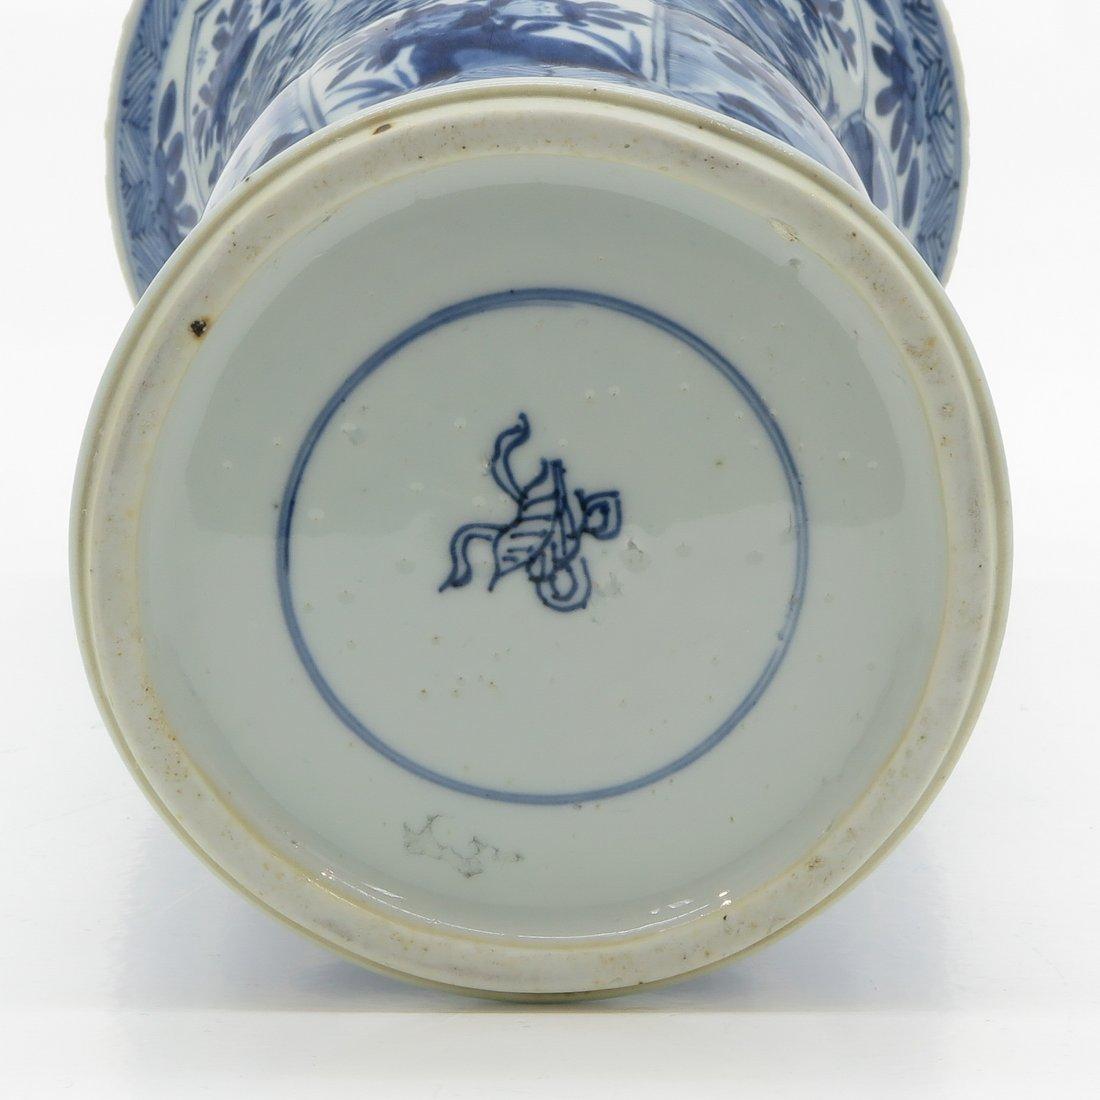 China Porcelain Kangxi Period Vase - 6